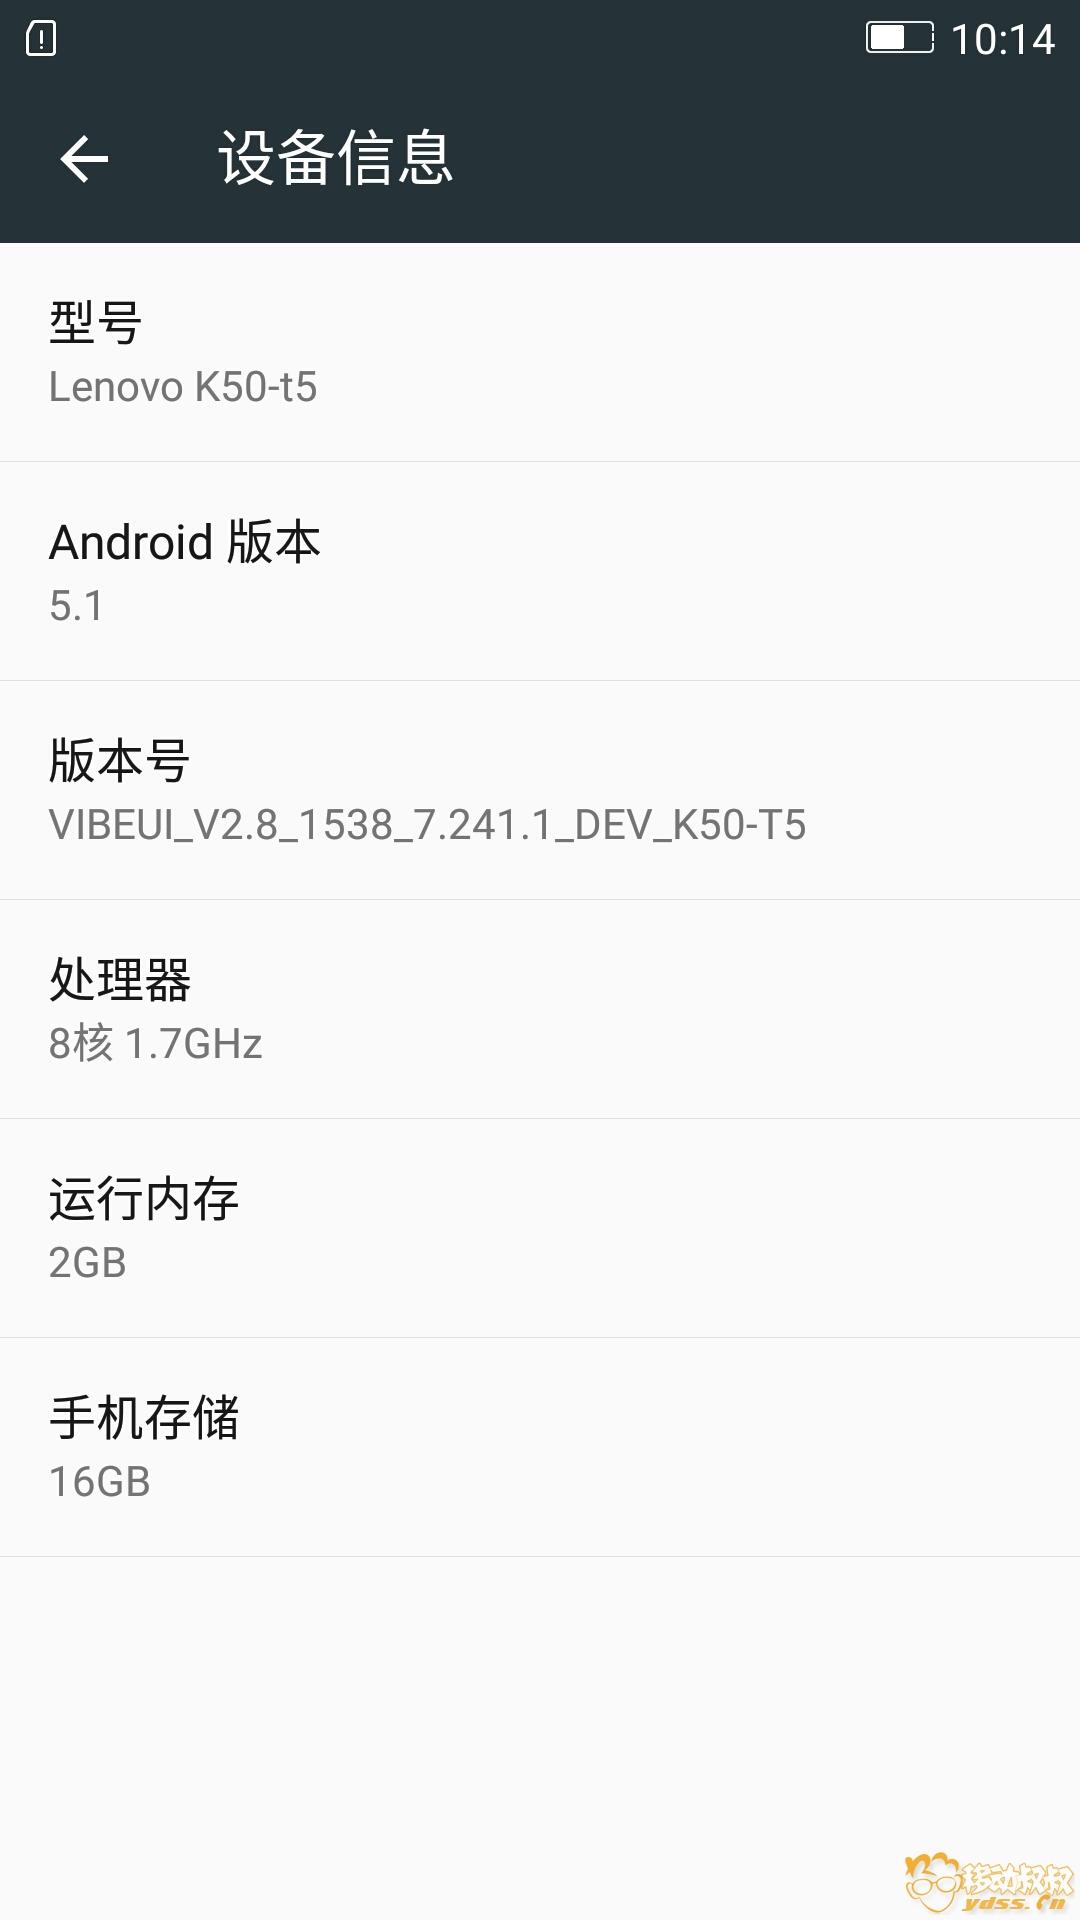 Screenshot_2018-11-08-10-14-08-625.jpg